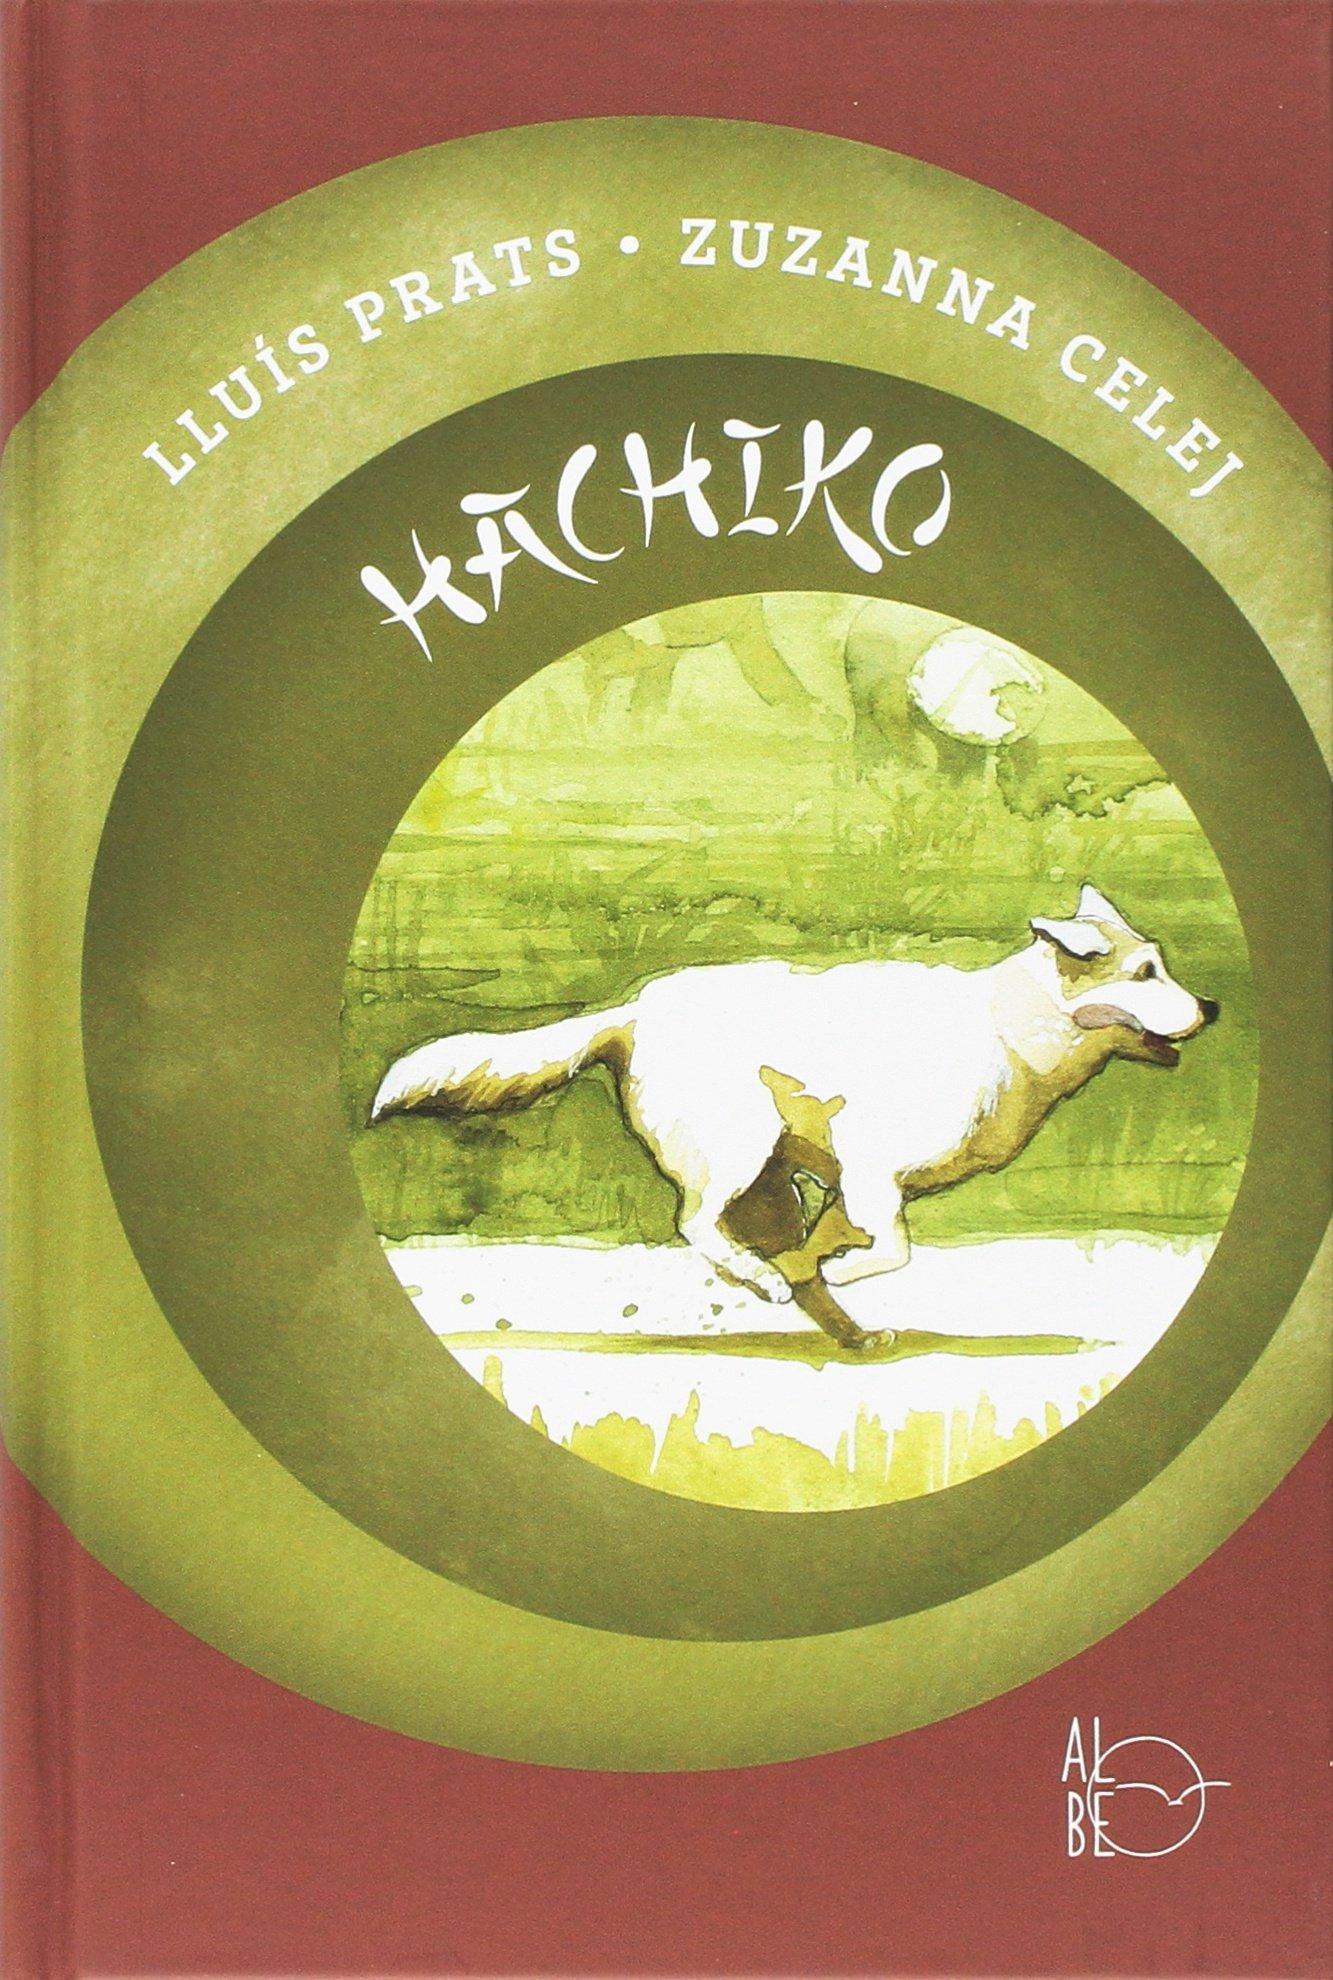 Hachiko. Il cane che aspettava: Amazon.it: Prats Martínez, Lluís, Celej, Zuzanna, Cristofori, Alberto: Libri